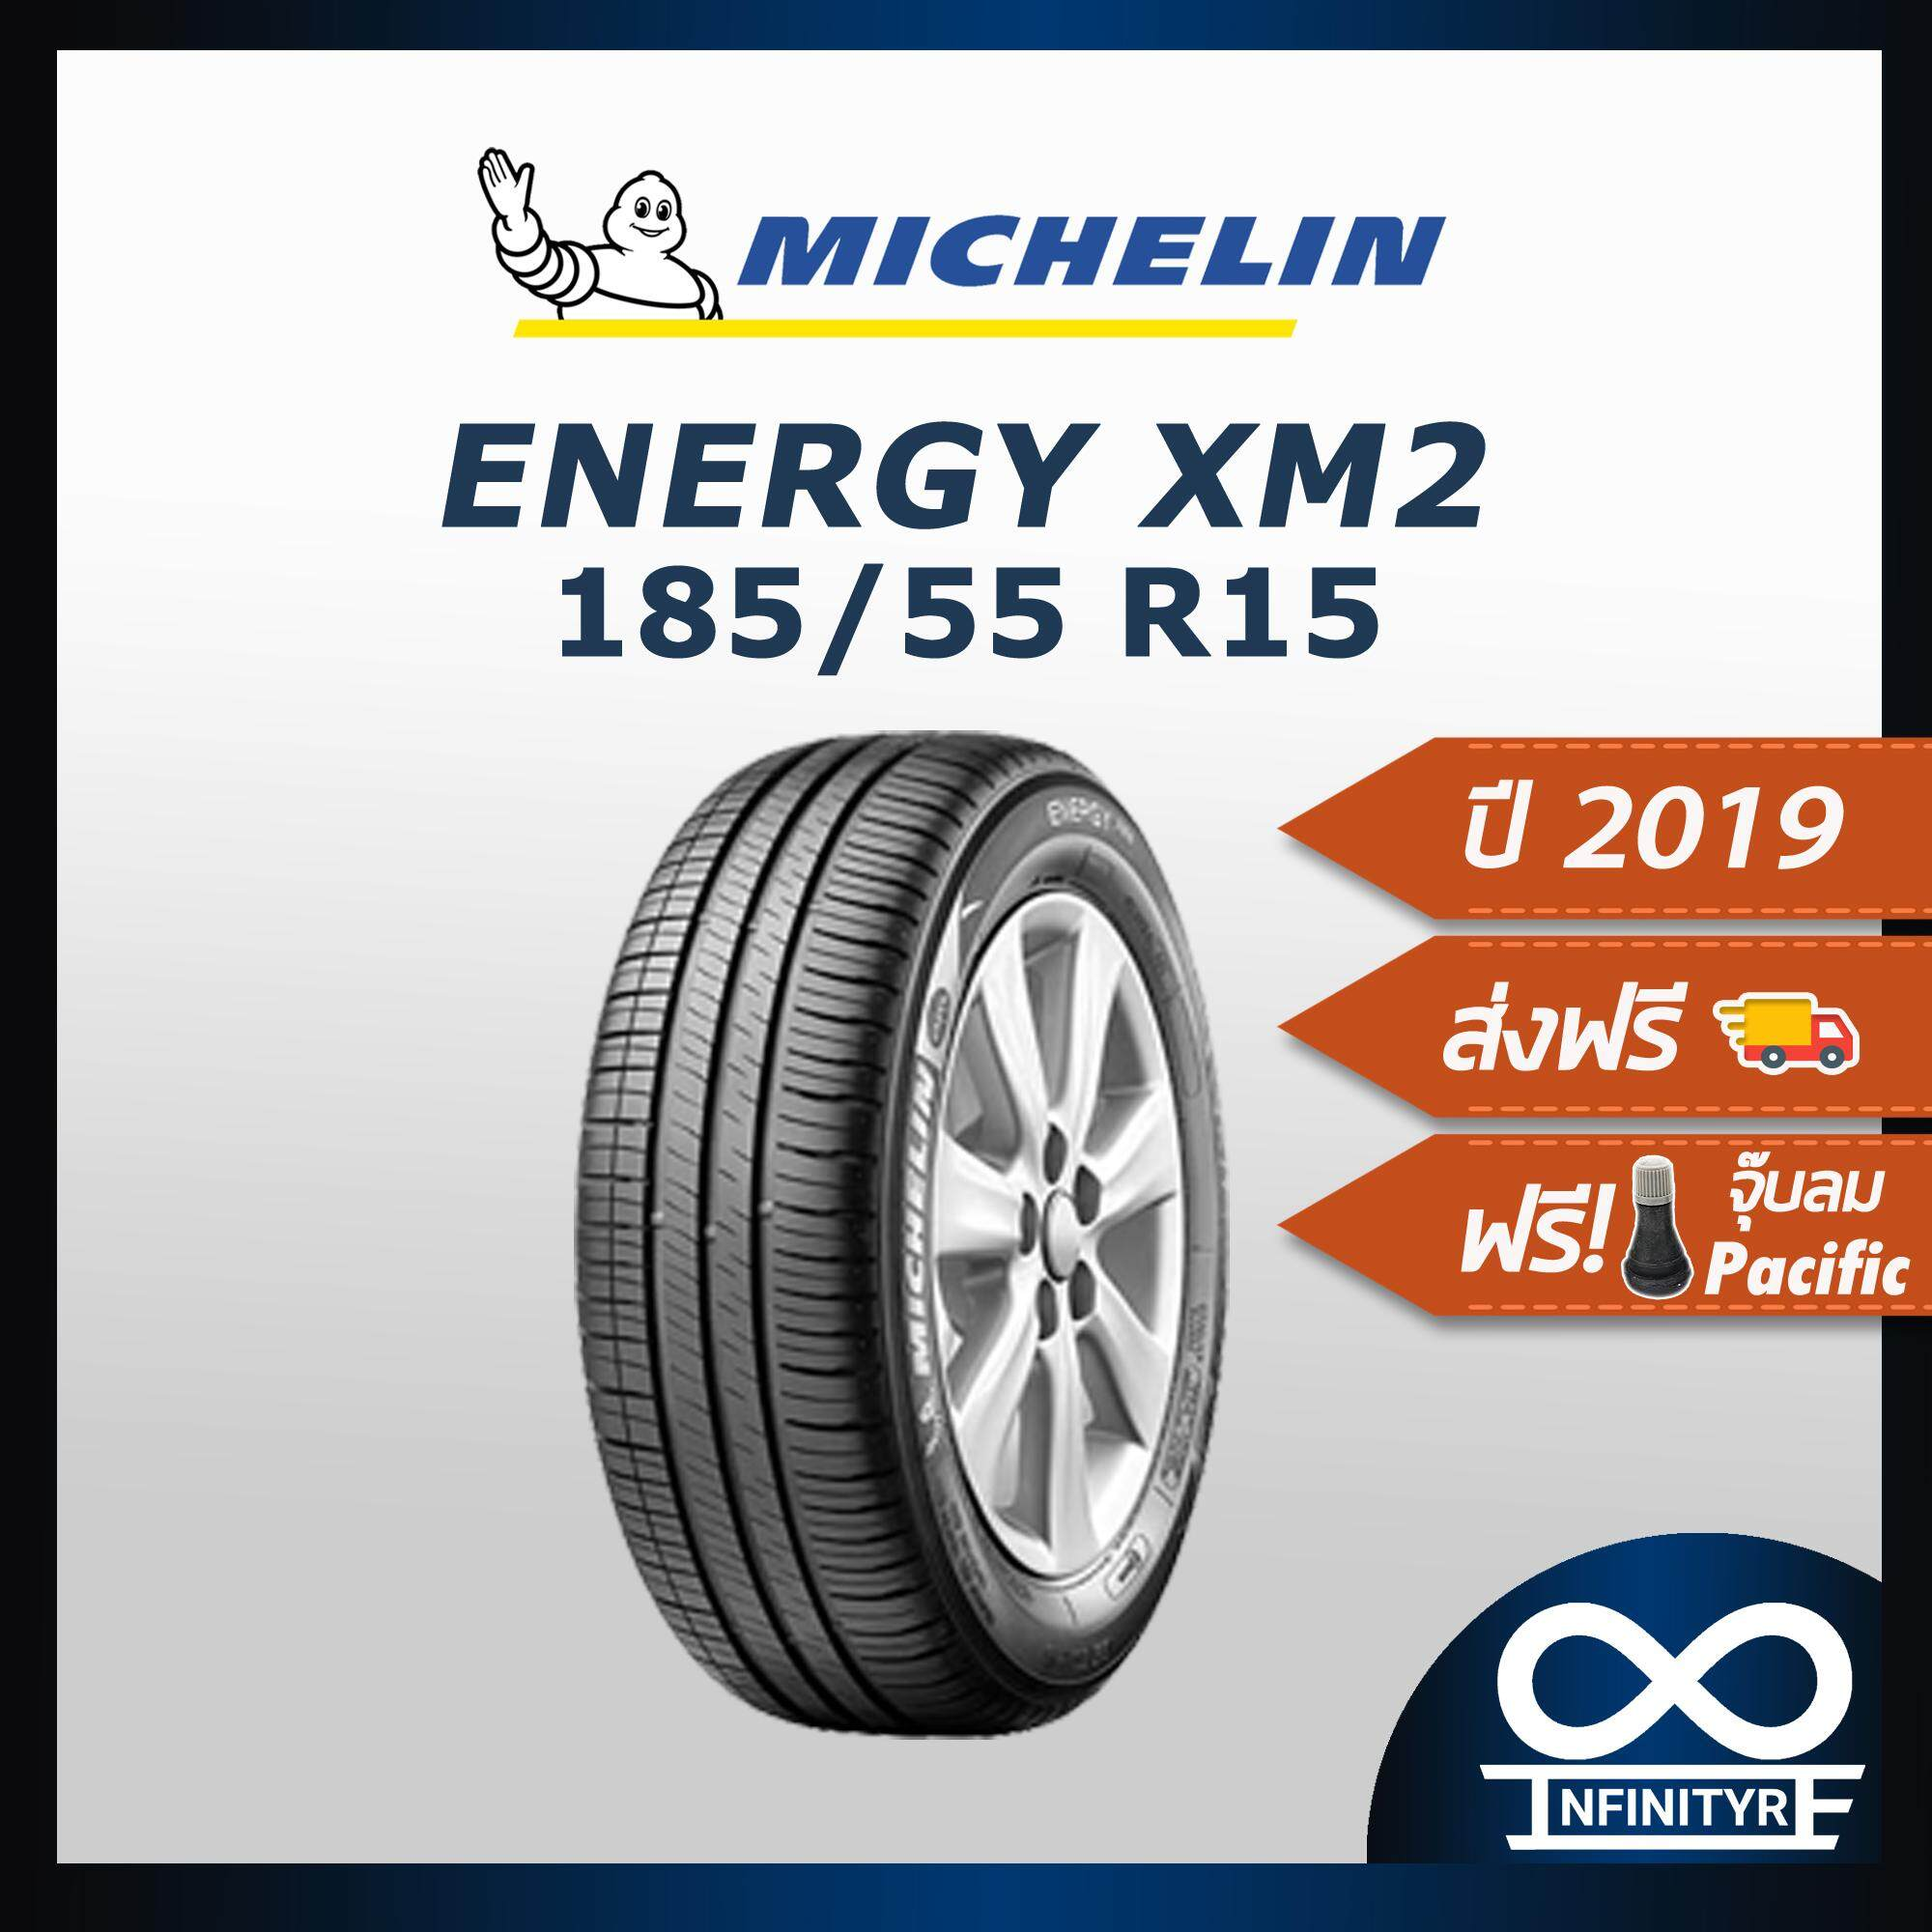 ประกันภัย รถยนต์ แบบ ผ่อน ได้ กำแพงเพชร 185/55R15 Michelin รุ่น Energy XM2 (ปี2019) ฟรี! จุ๊บลมPacific เกรดพรีเมี่ยม